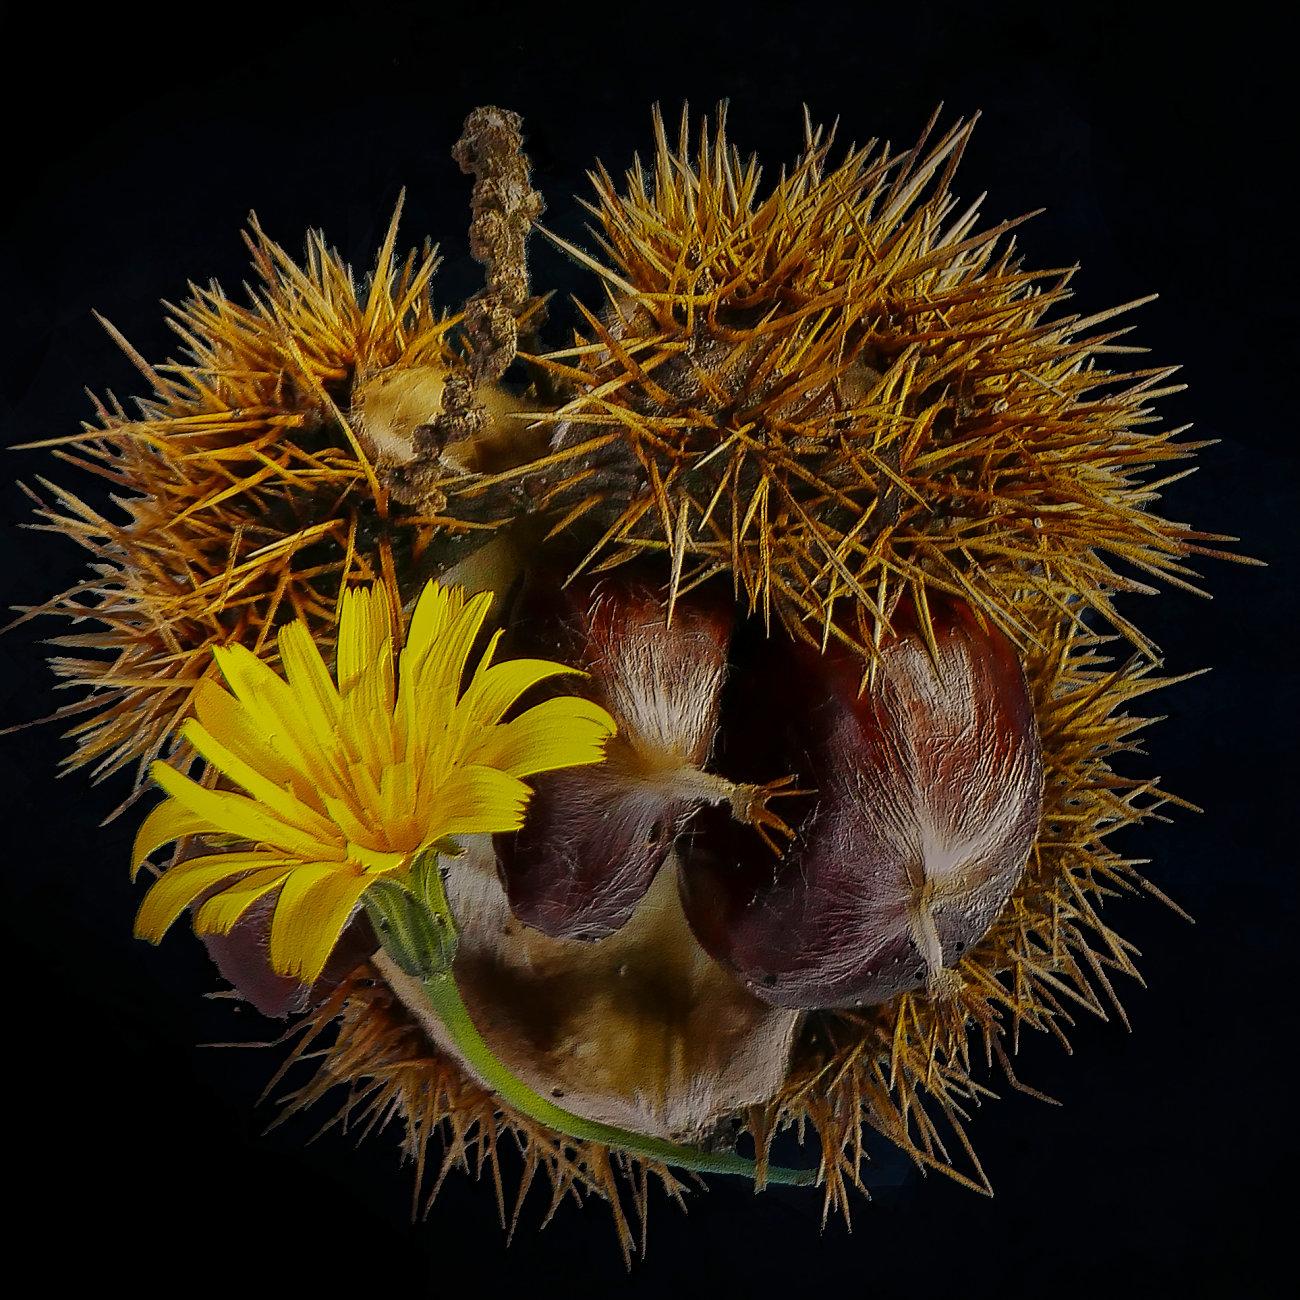 Prickly Nest